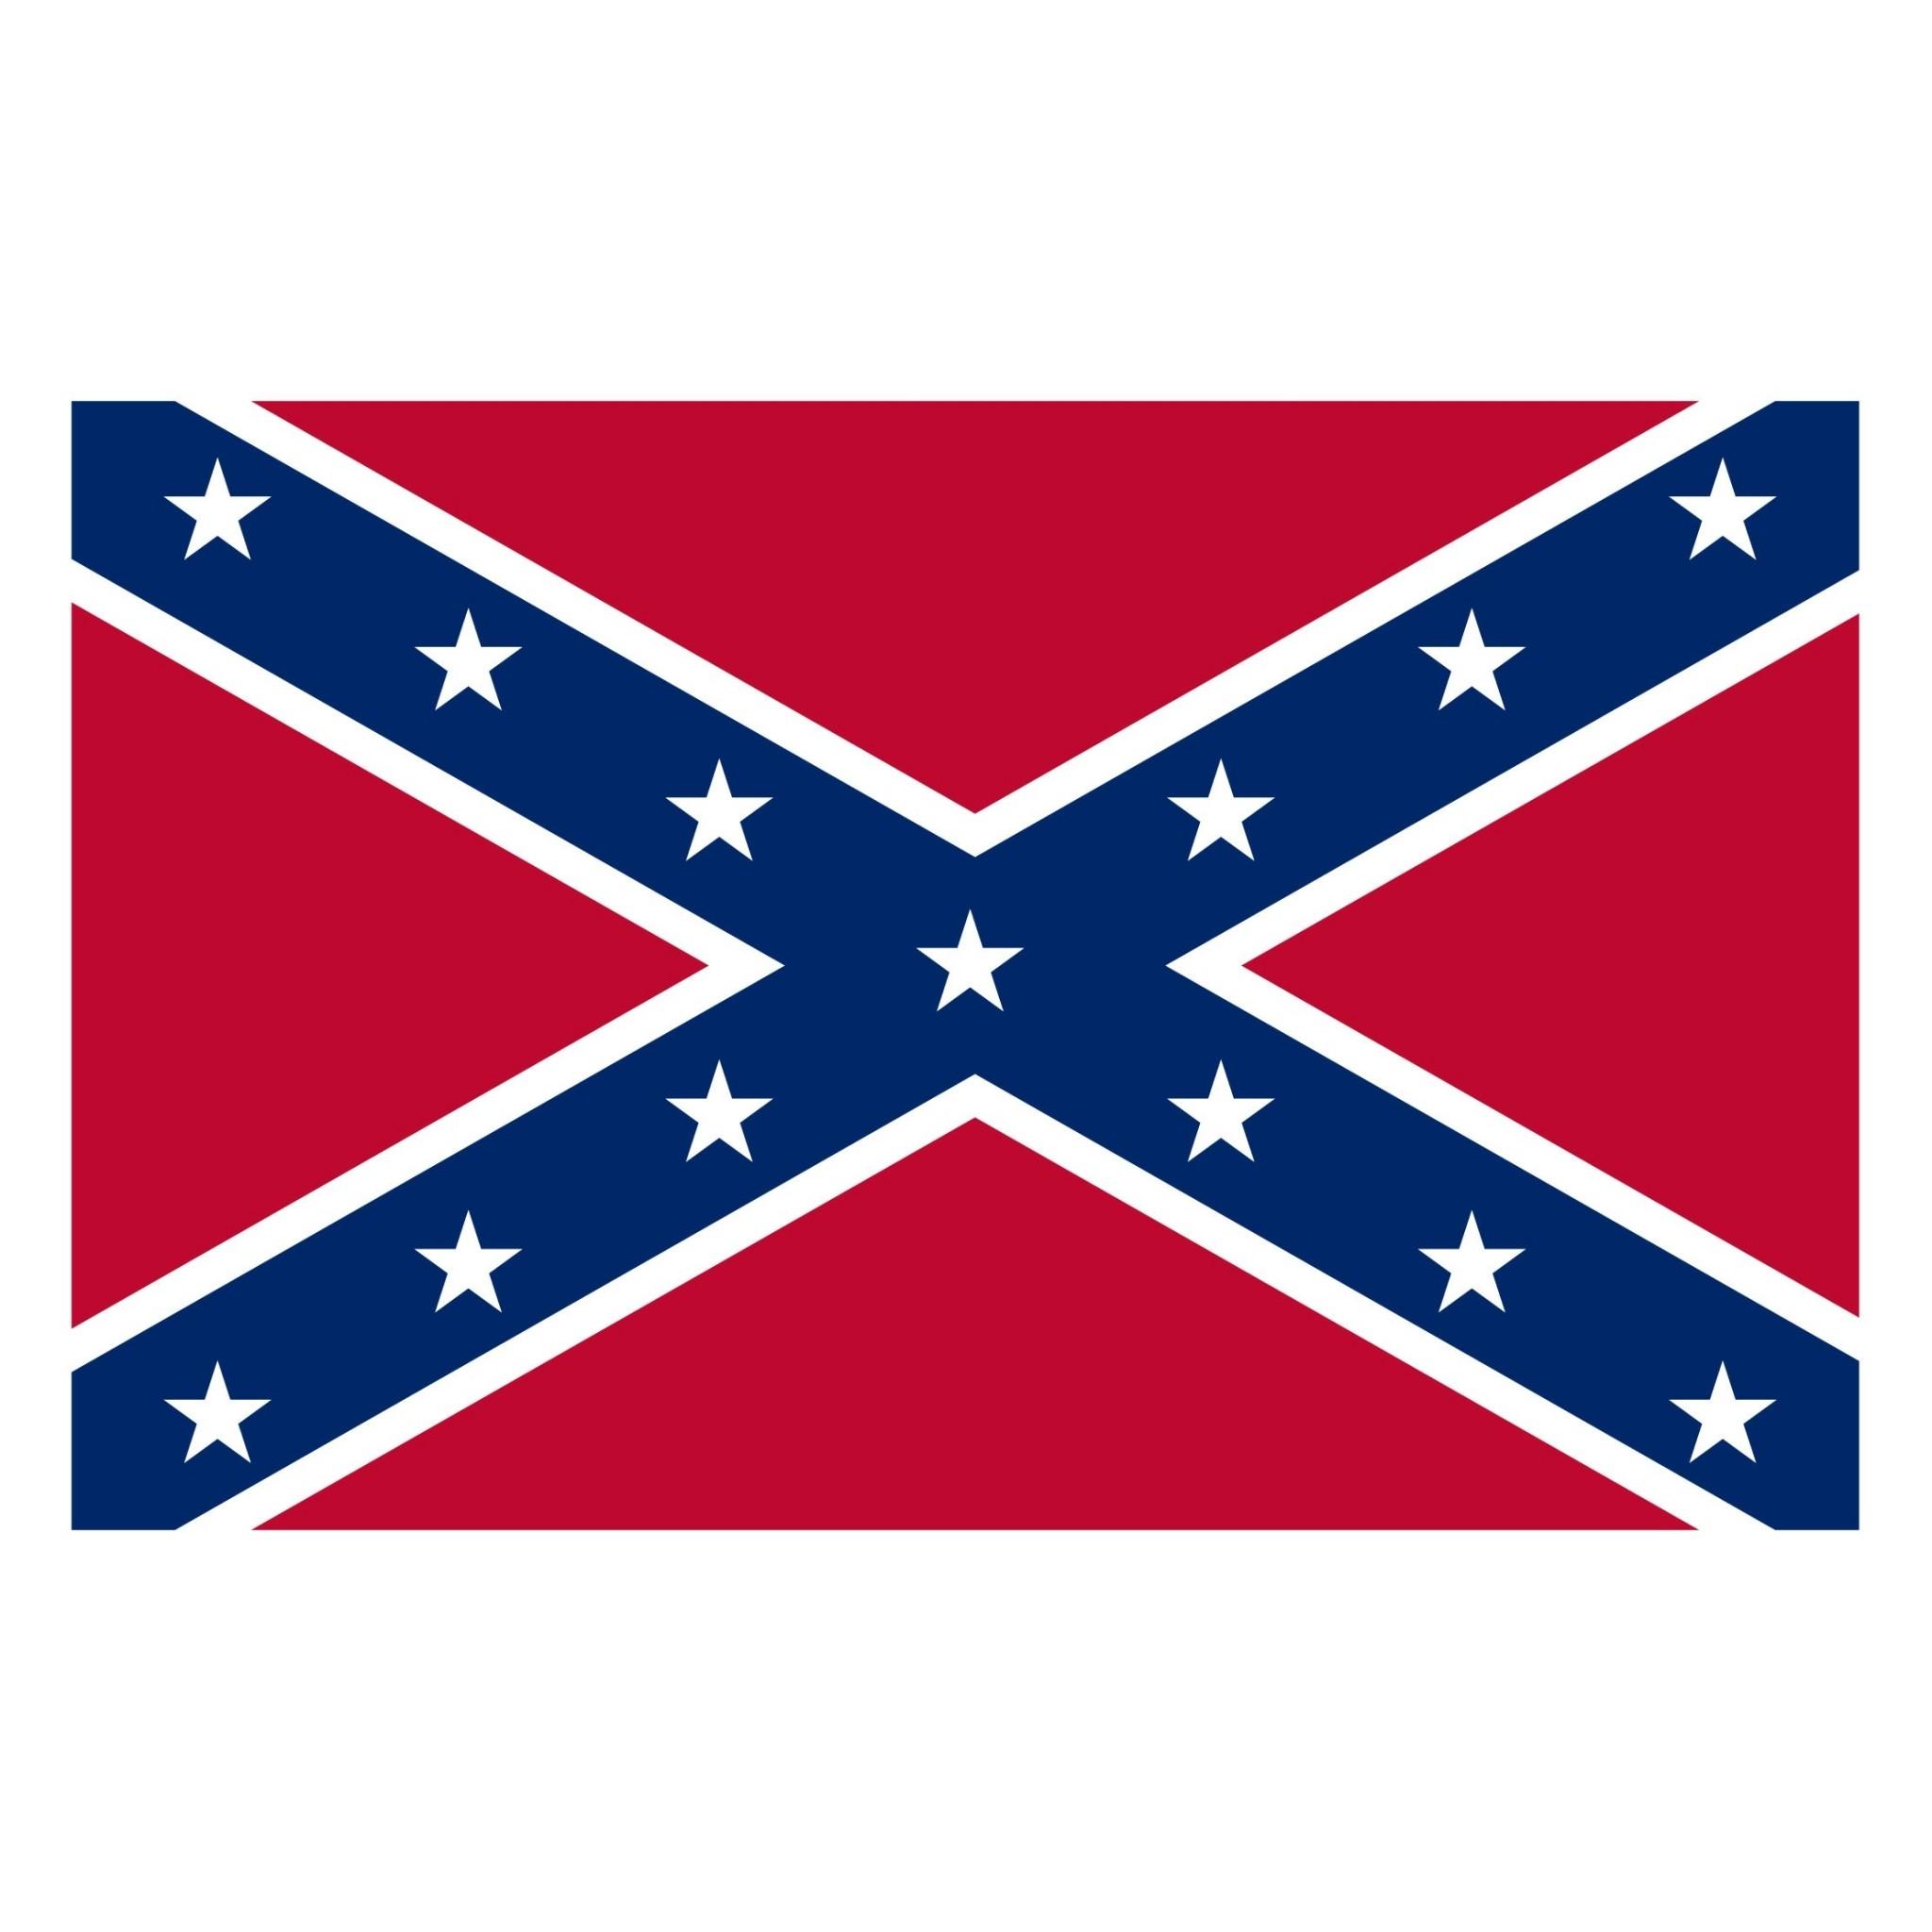 Cool Rebel Flag Wallpaper 59 images